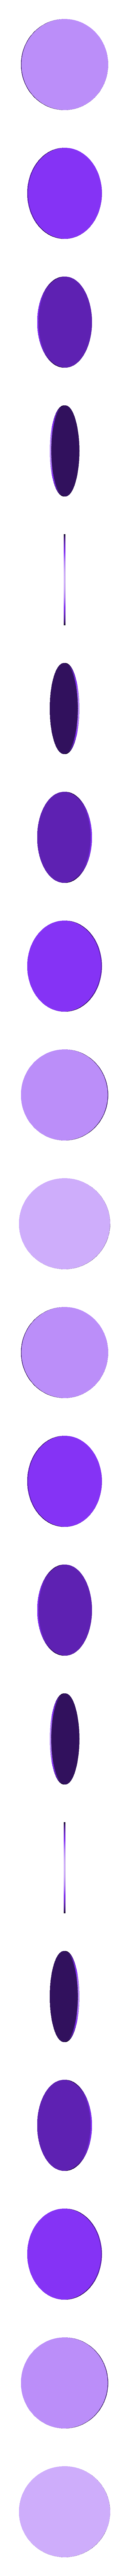 Bottom.stl Télécharger fichier STL gratuit Dessous de verre Boba Fett • Plan imprimable en 3D, snagman